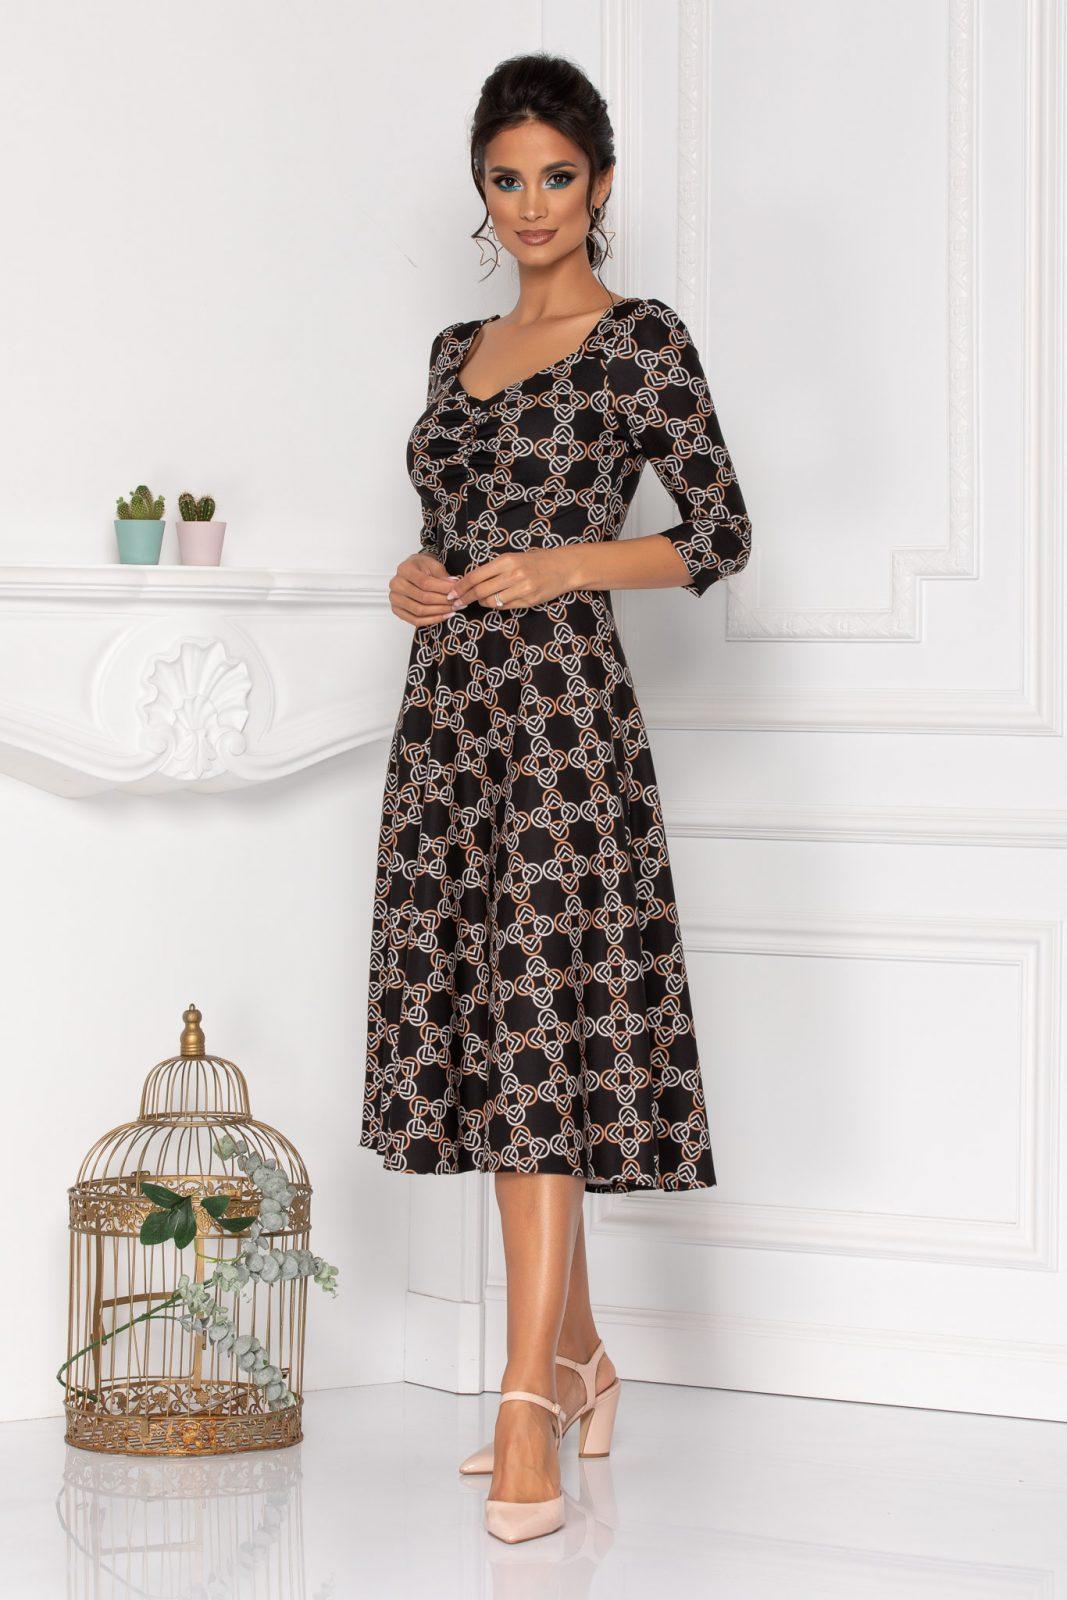 Μαυρο Φόρεμα Με 3/4 Μανίκι Hariett 8447 4